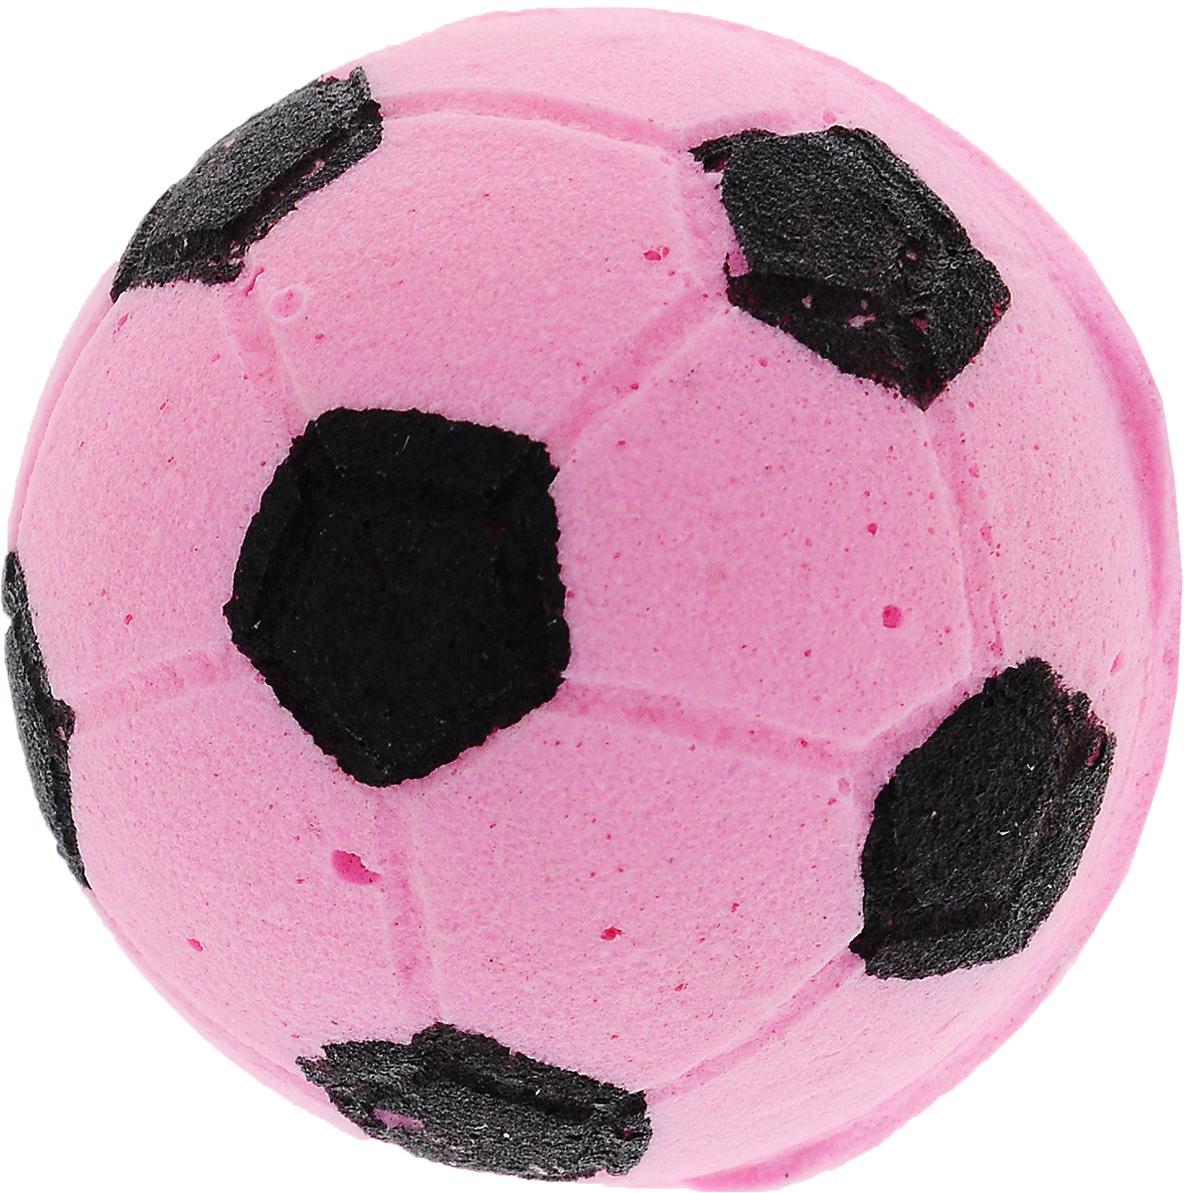 Игрушка для животных Каскад Мячик зефирный. Футбольный, цвет: розовый, диаметр 4,5 см27799305_розовыйИгрушка для животных Каскад Мячик зефирный. Футбольный, изготовленная из мягкого и прочного материала, обязательно понравится вашему питомцу. Подойдет для собак мелких пород и кошек. Изделие отличается прочностью и в то же время гибкостью и эластичностью, имеет необычную структуру, напоминающую зефир. Необычная и забавная игрушка прекрасно подойдет для игр вашего любимца.